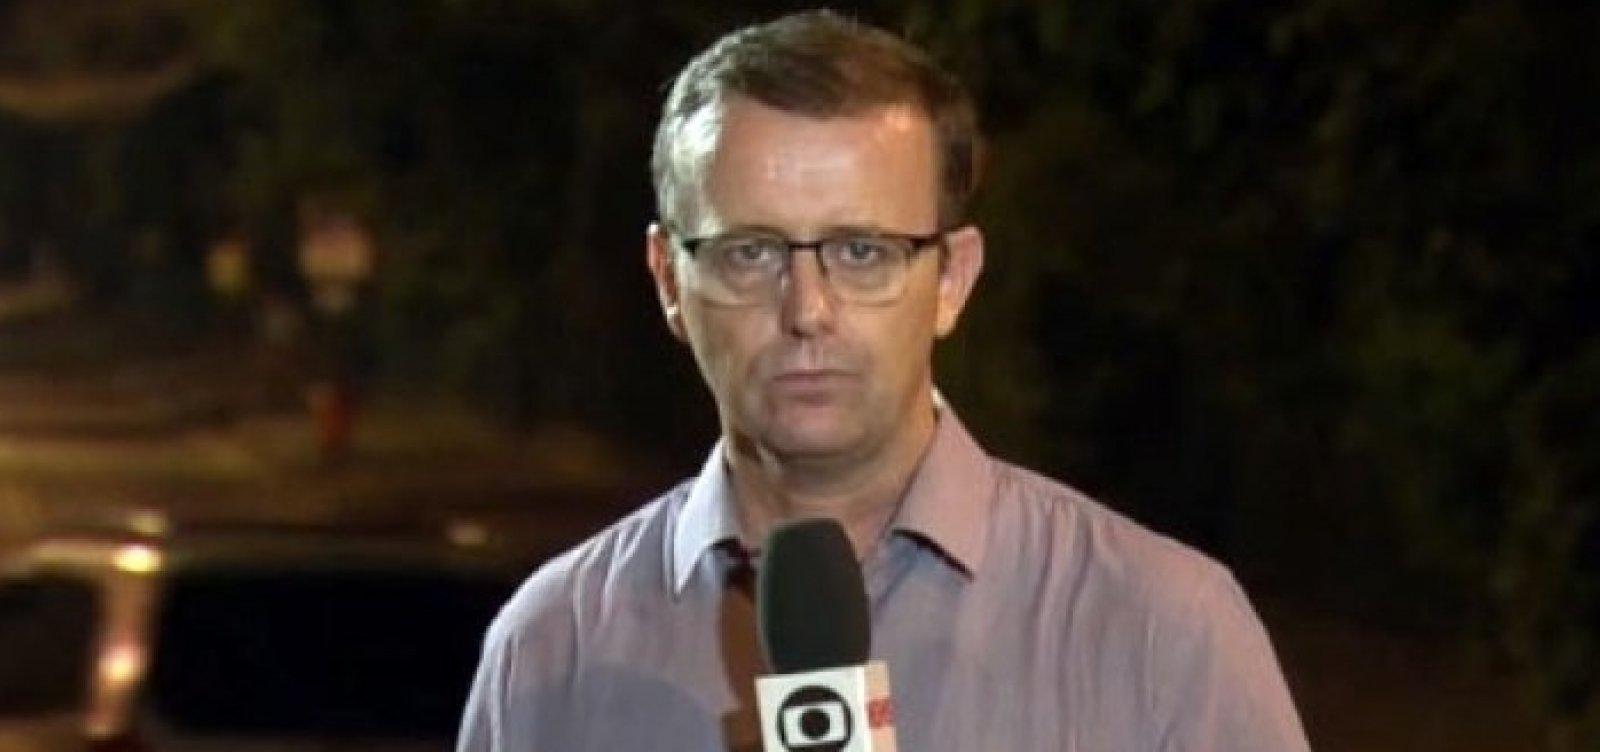 [Ex-candidato a vereador e apoiador de Bolsonaro pede desculpas por ameaça a jornalista]